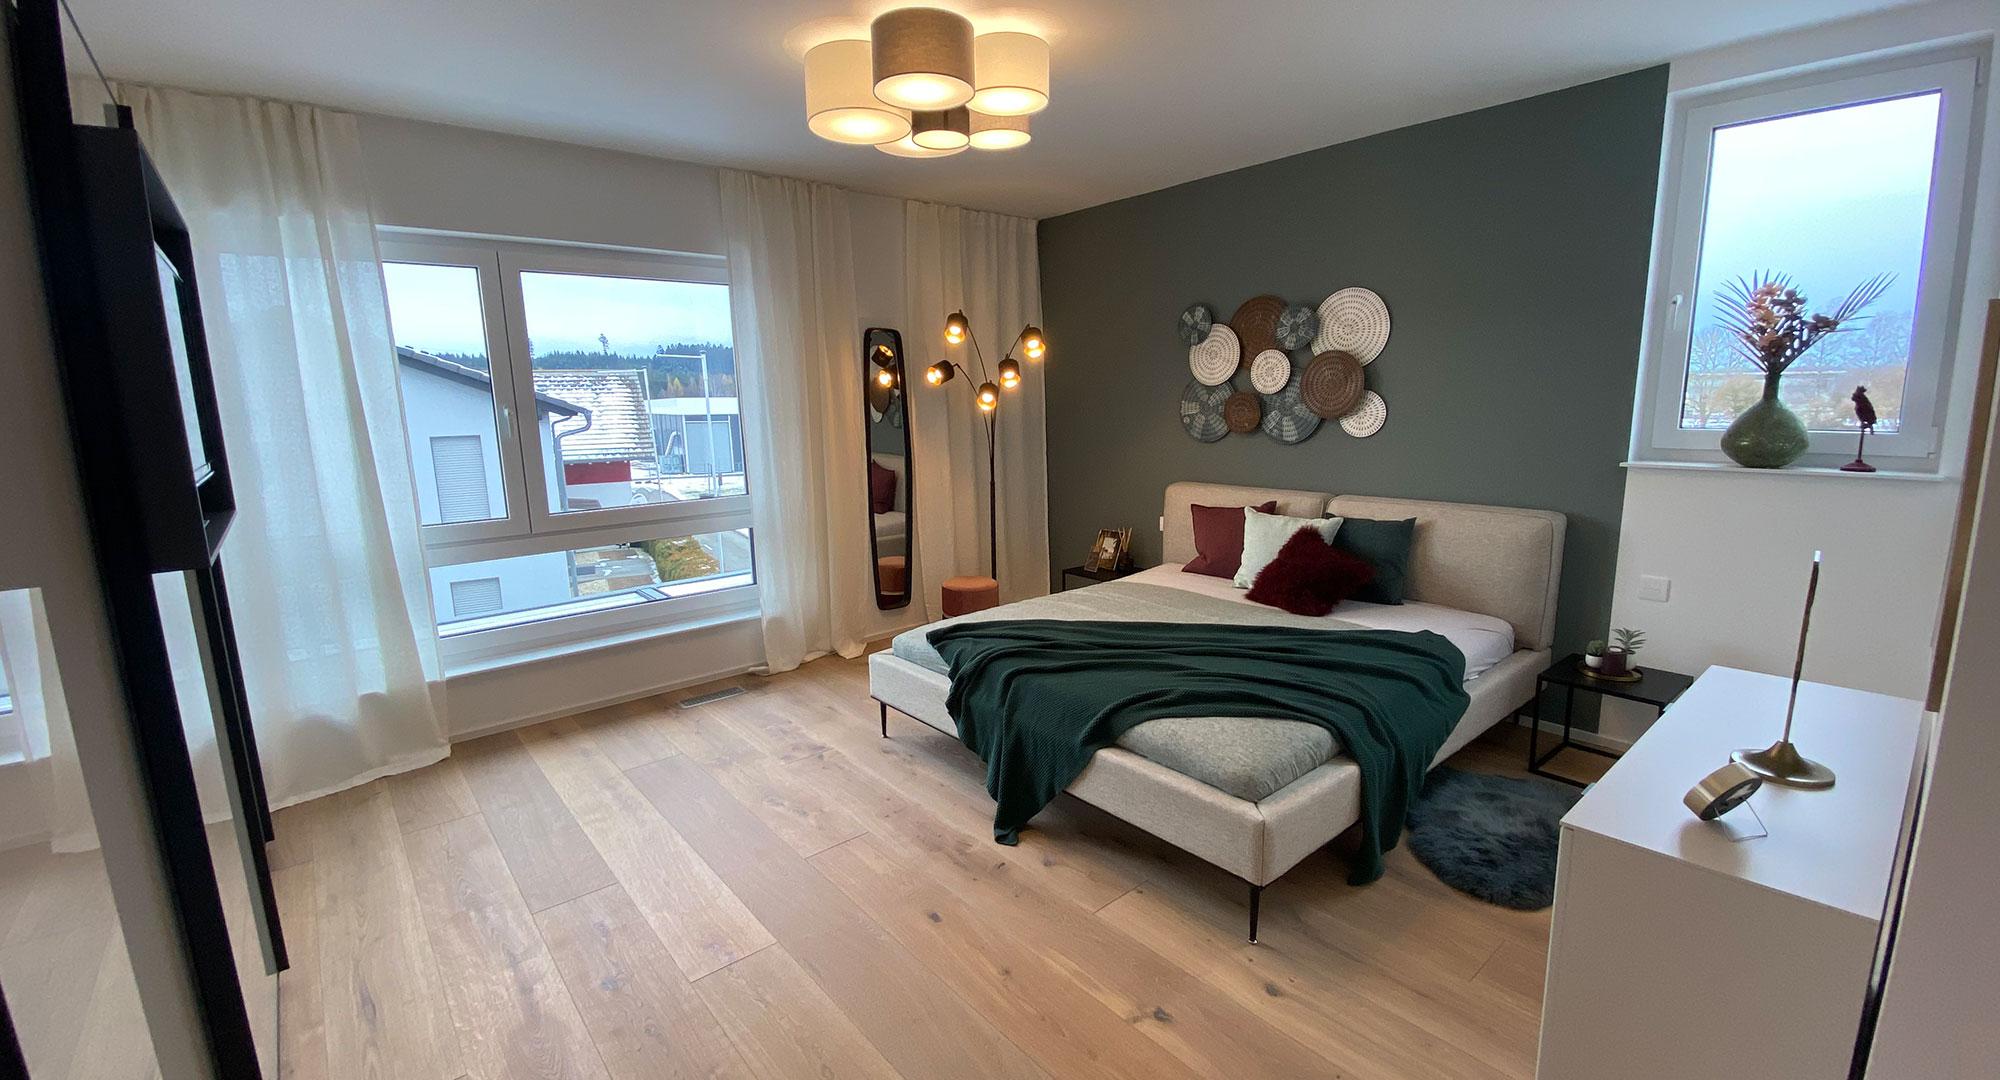 Schlafzimmer - Raum Energie Design - Eva Stallinger